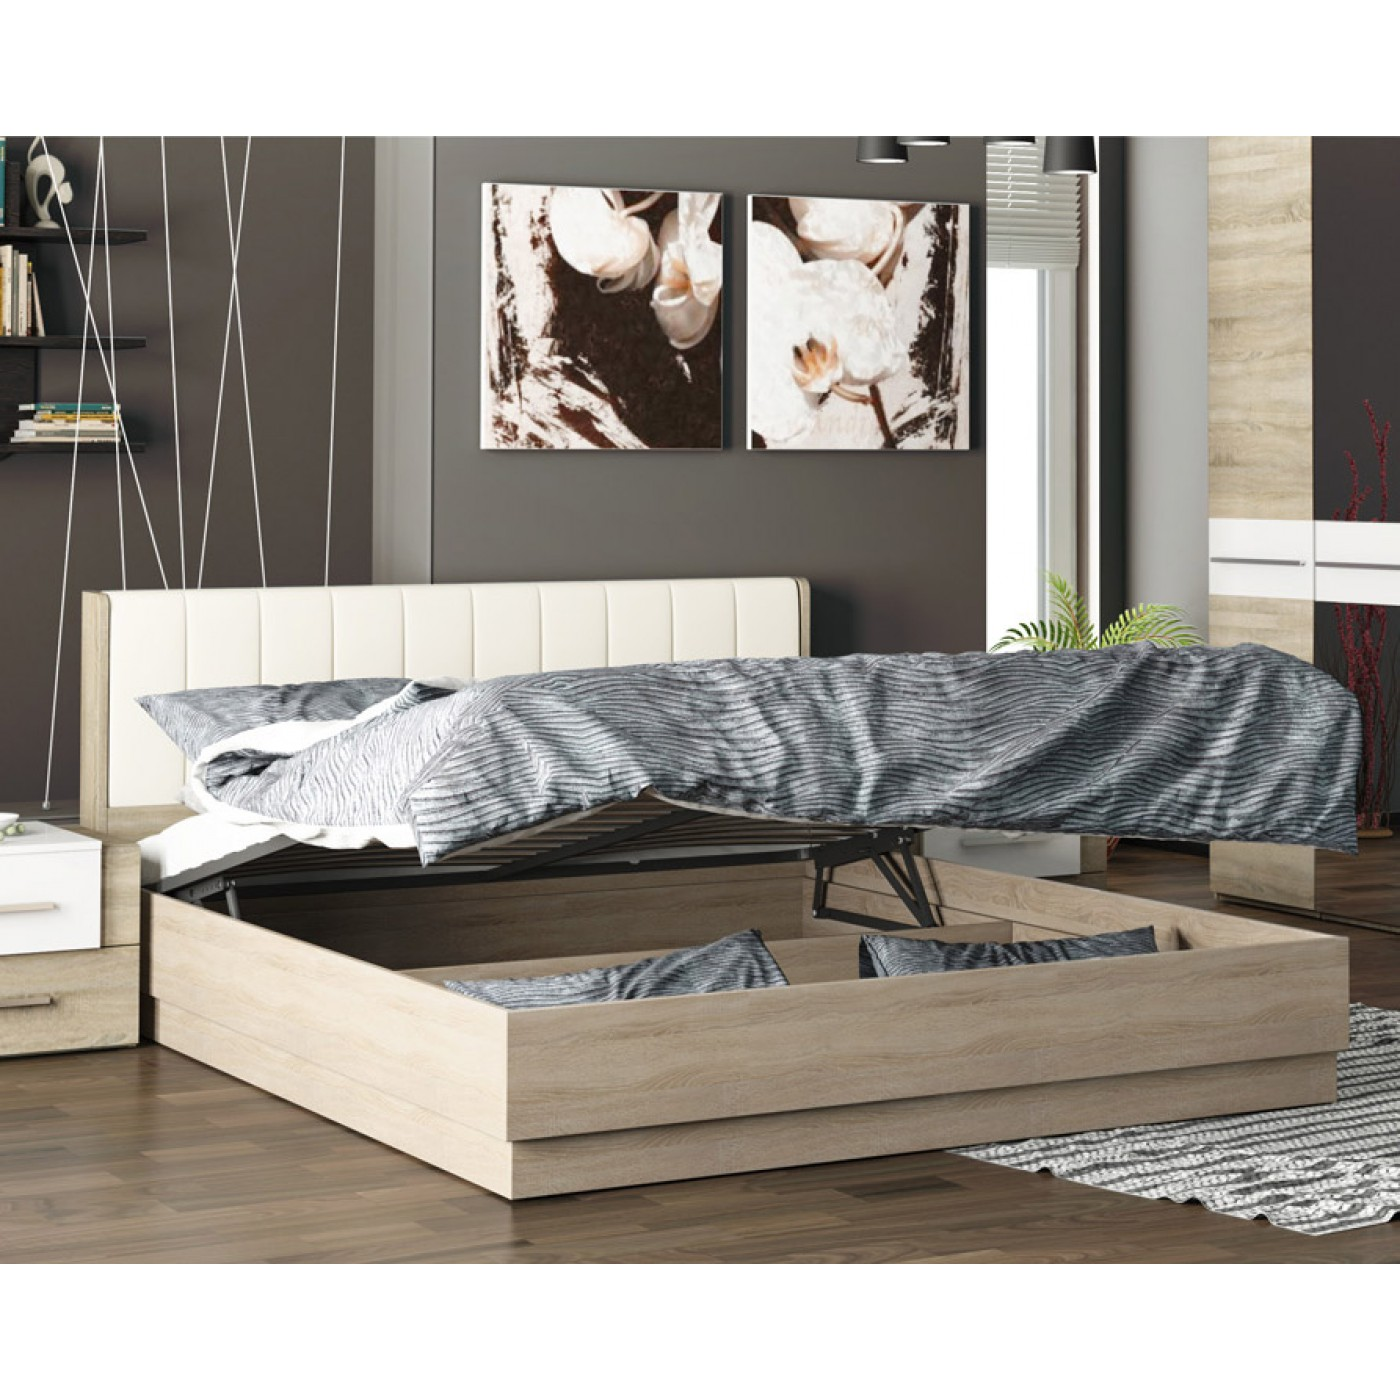 Удобная конструкция современной кровати